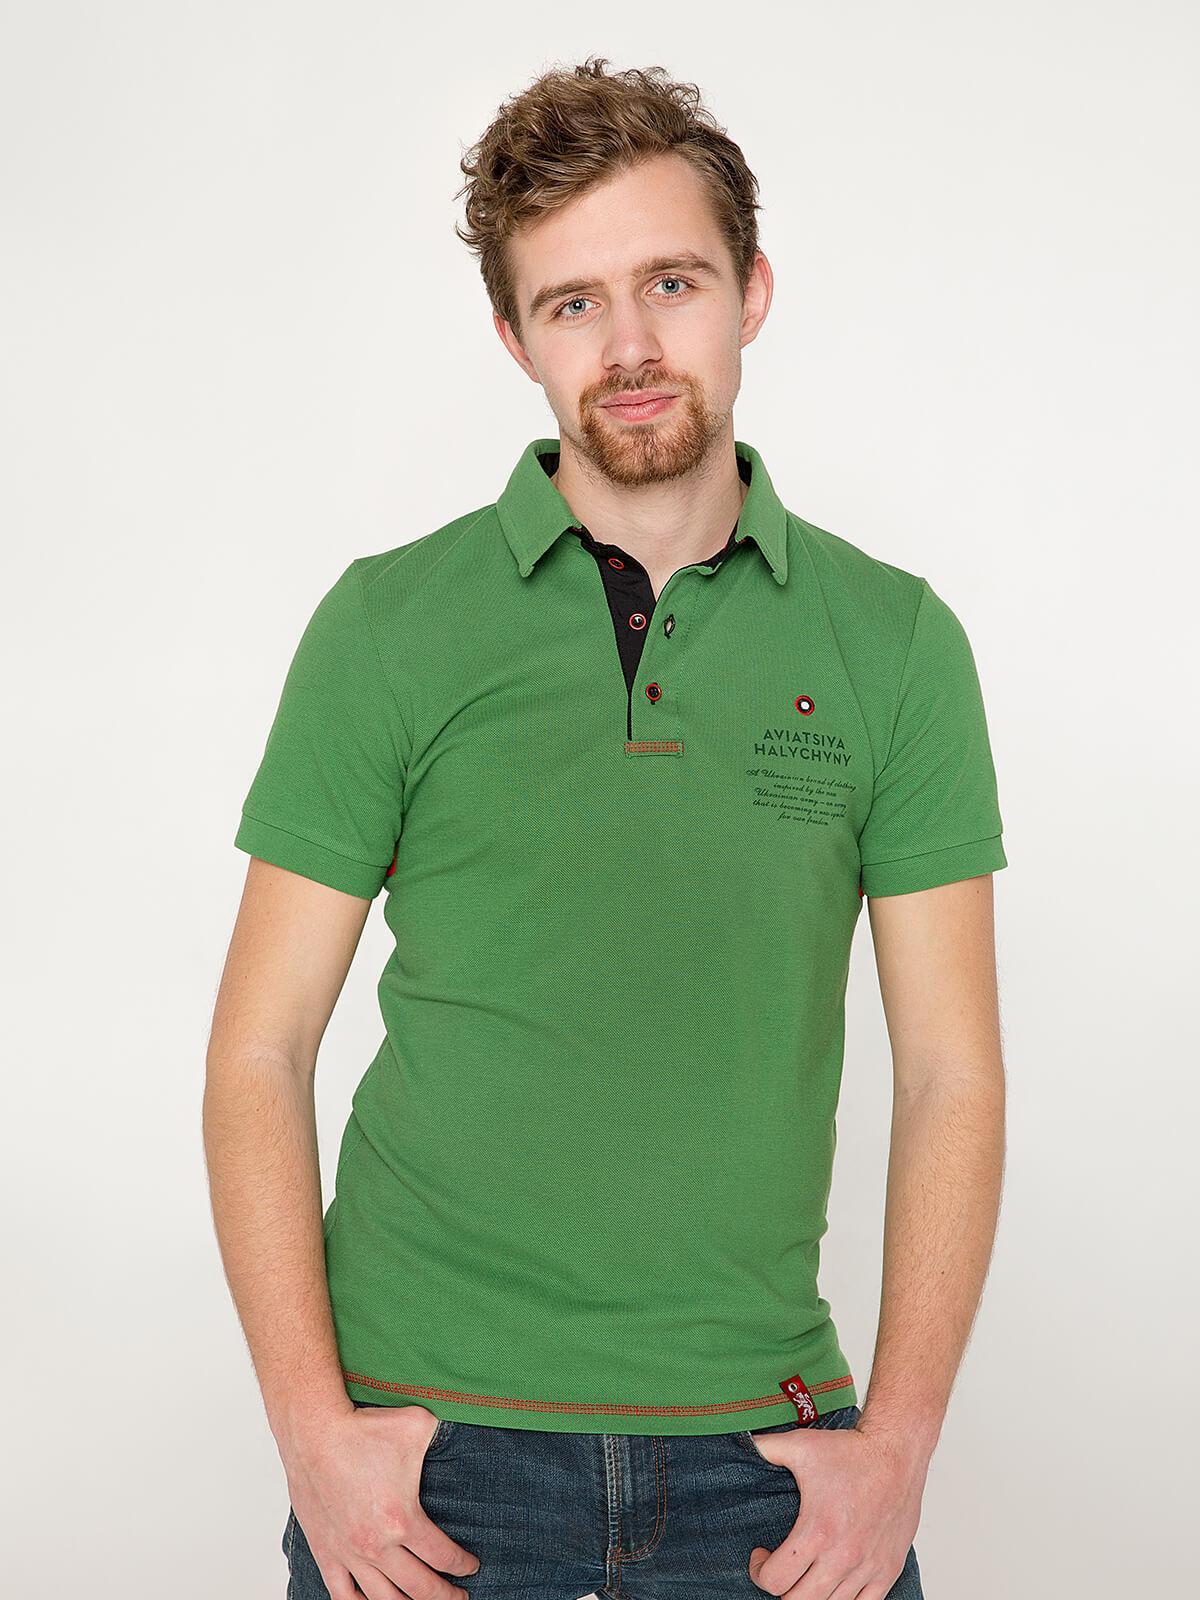 Чоловіче Поло Крила. Колір зелений. Поло унісекс (розміри чоловічі).